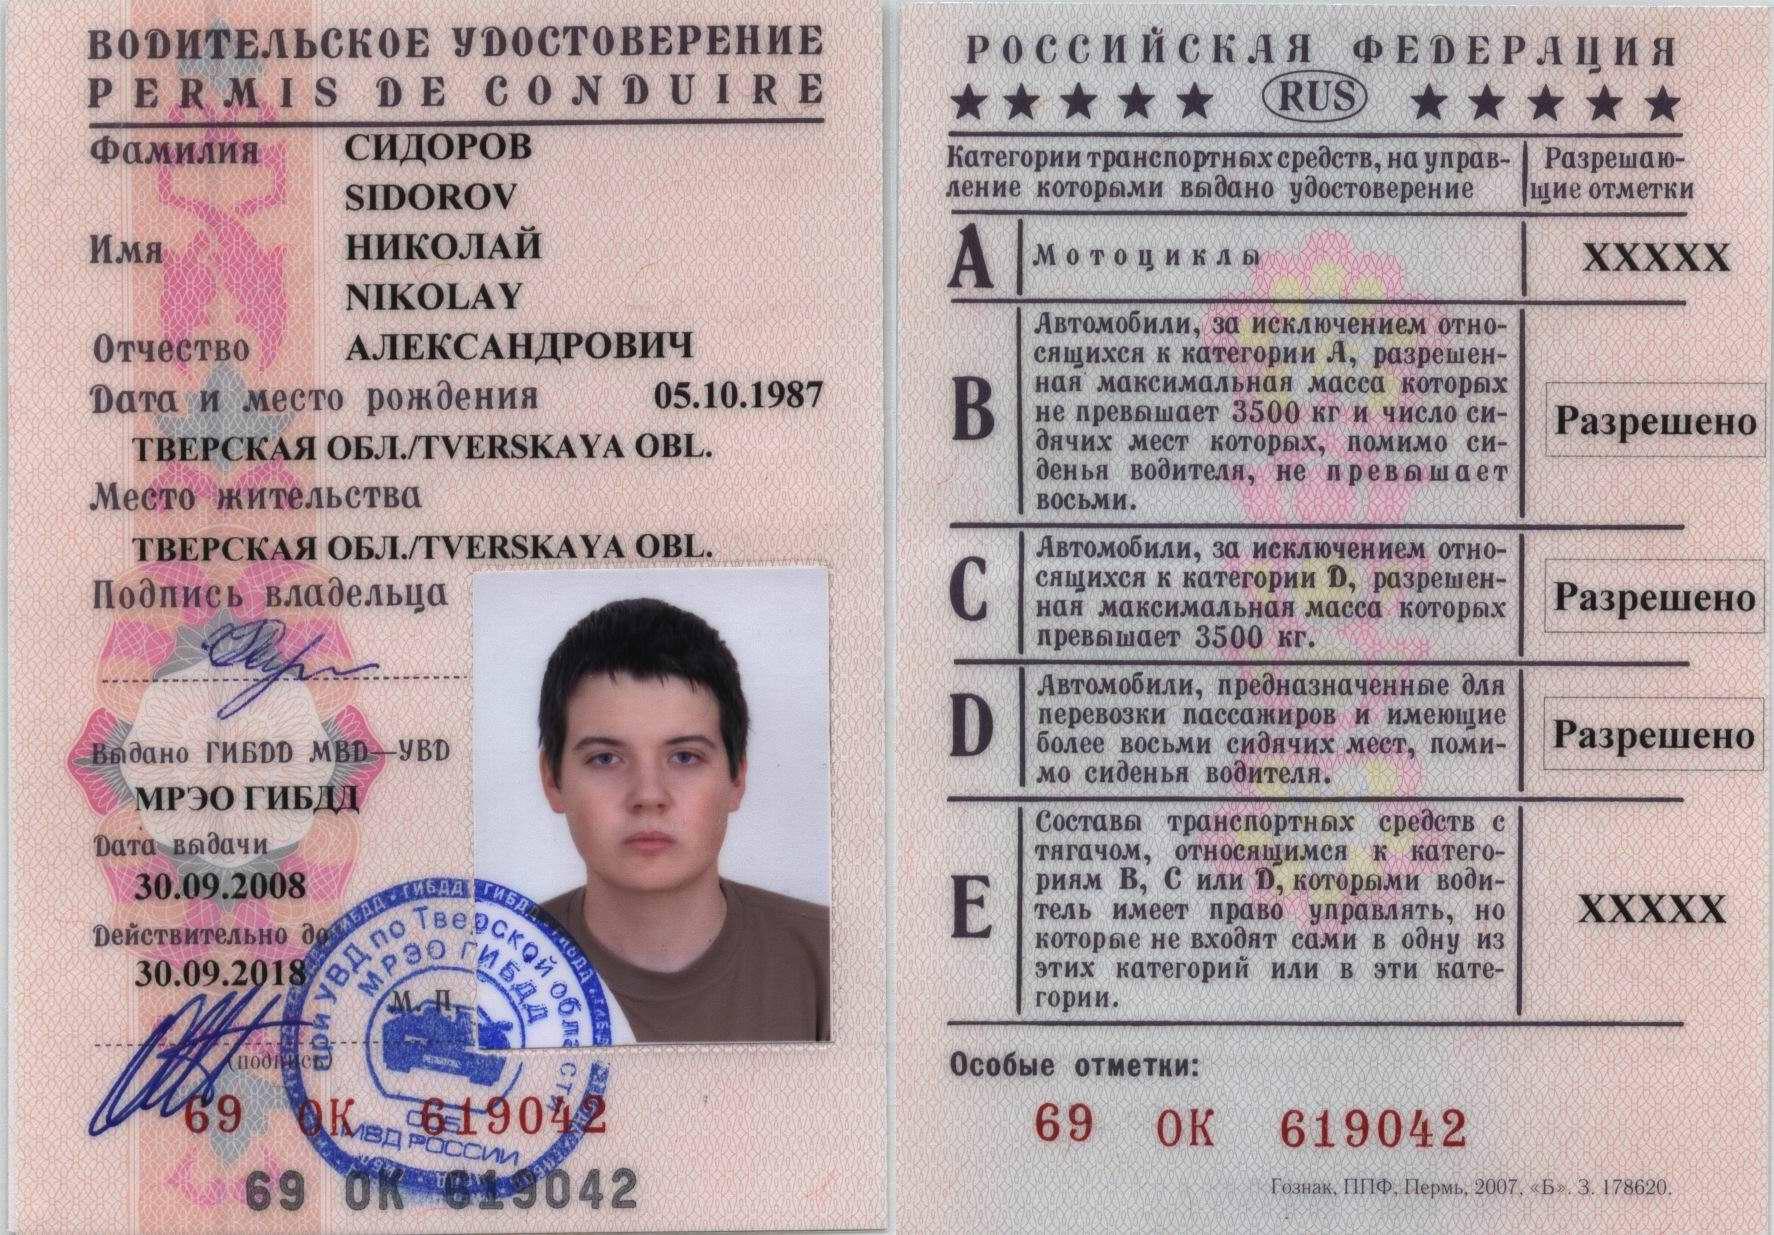 права водительские картинка